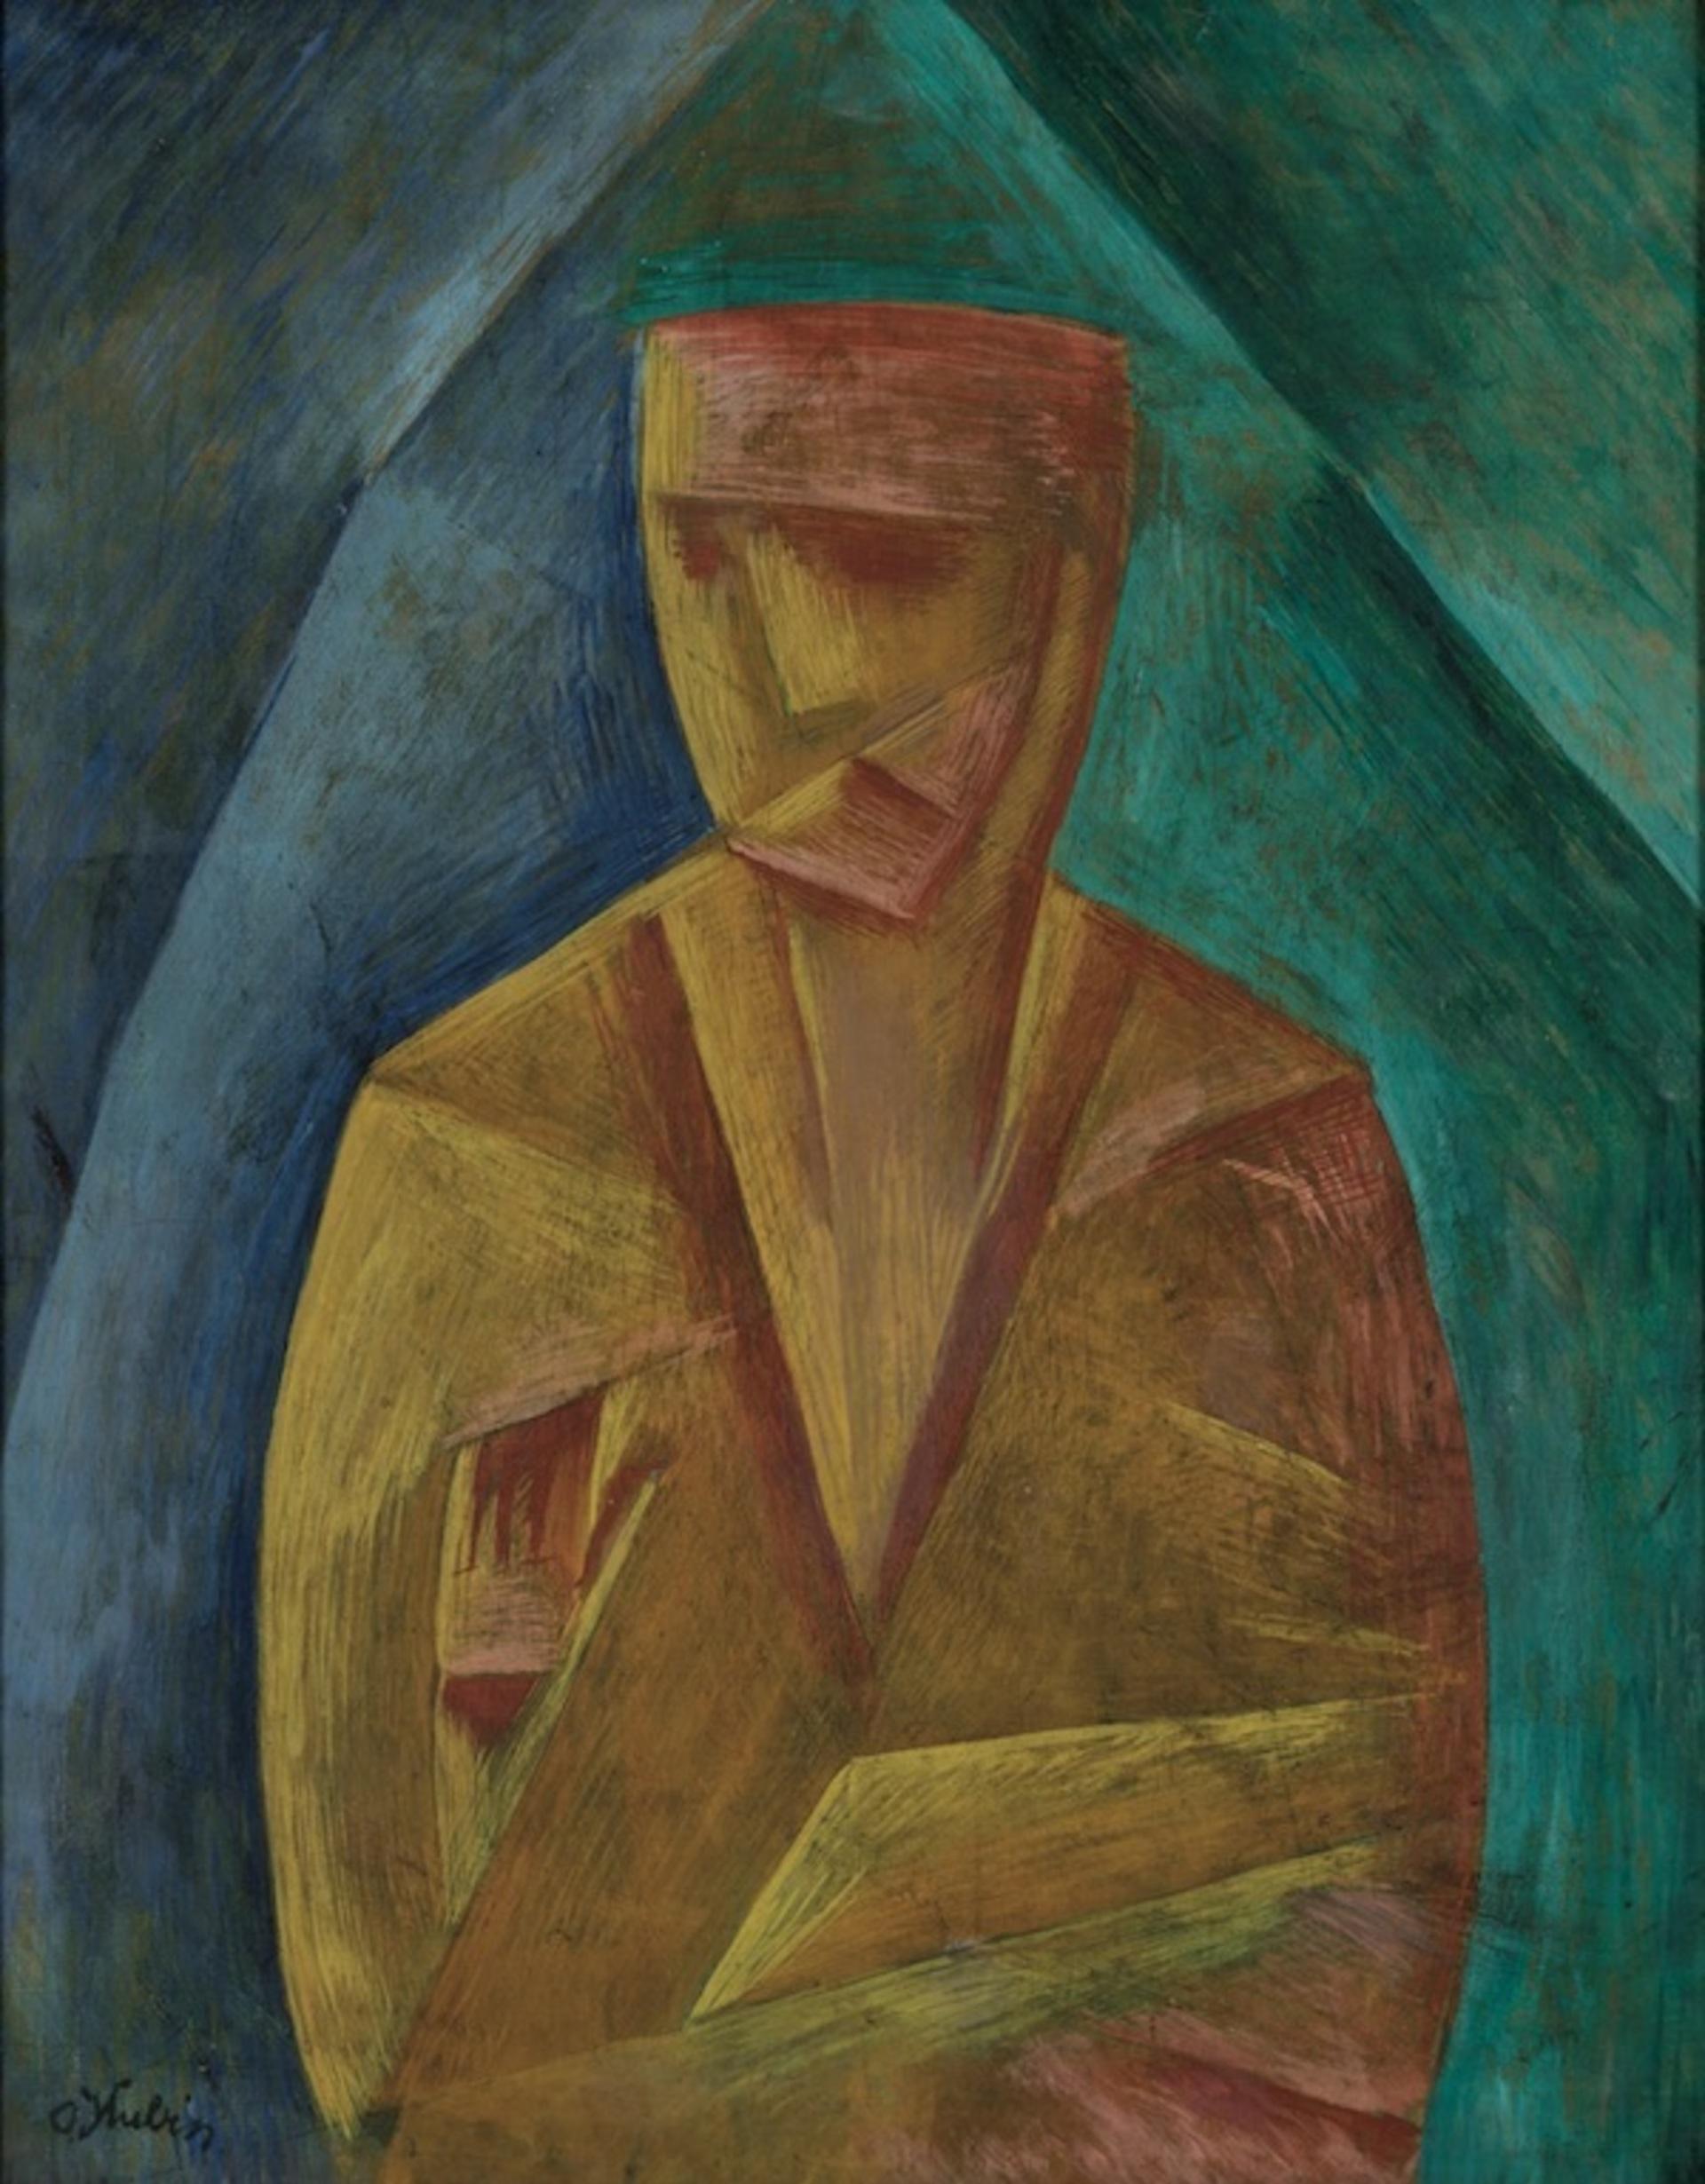 Otakar Kubín: Prorok, 1913, olej na plátně, 88 x 69 cm, vyvolávací cena: 5 500 000 Kč (+ složená 20% a 18% provize), 1. Art Consulting 25. 10. 2020